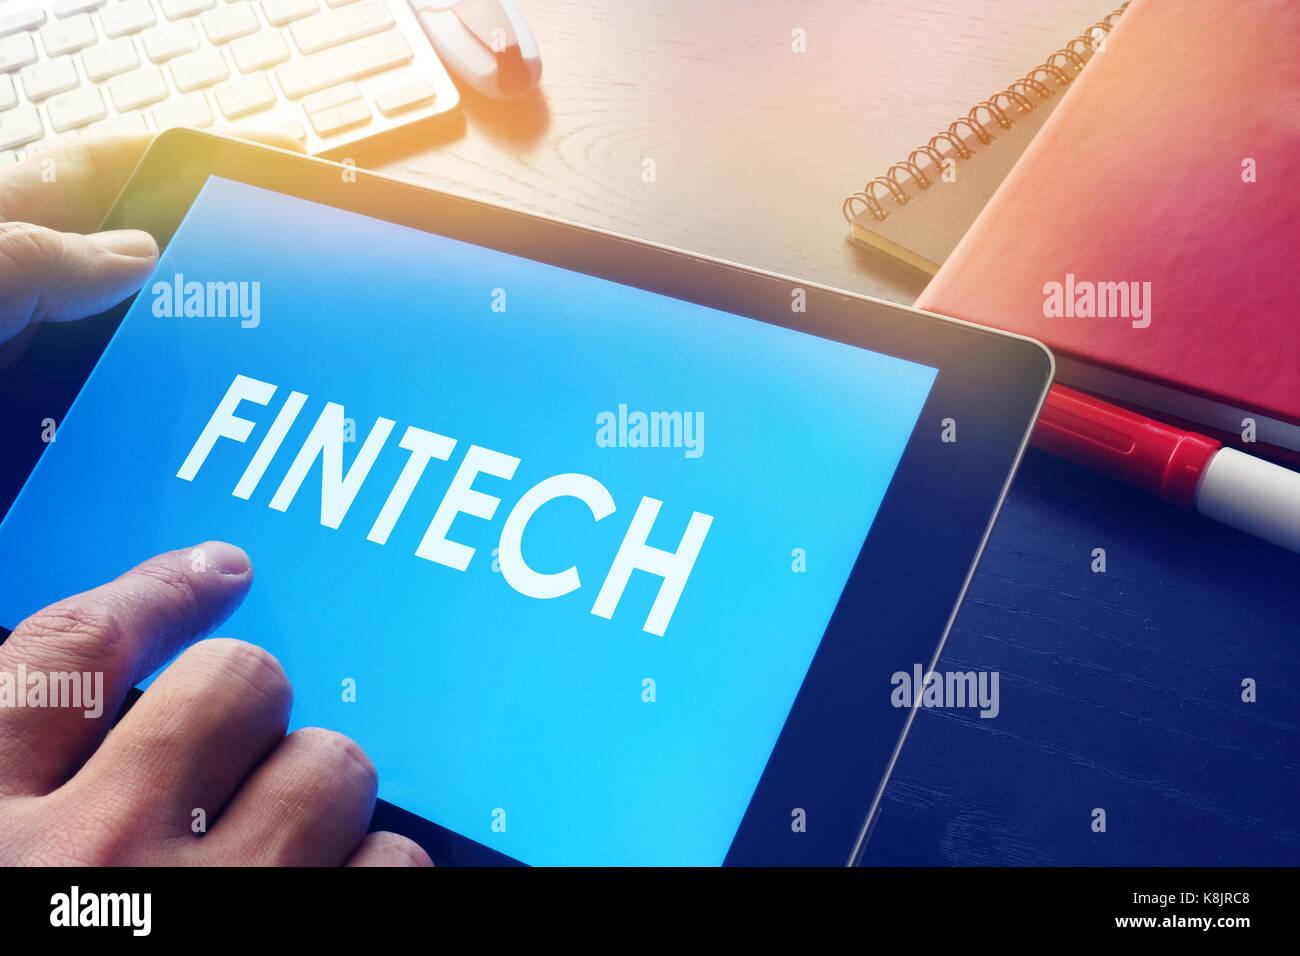 Empresario leyendo acerca de fintech. tecnología financiera concepto. Imagen De Stock